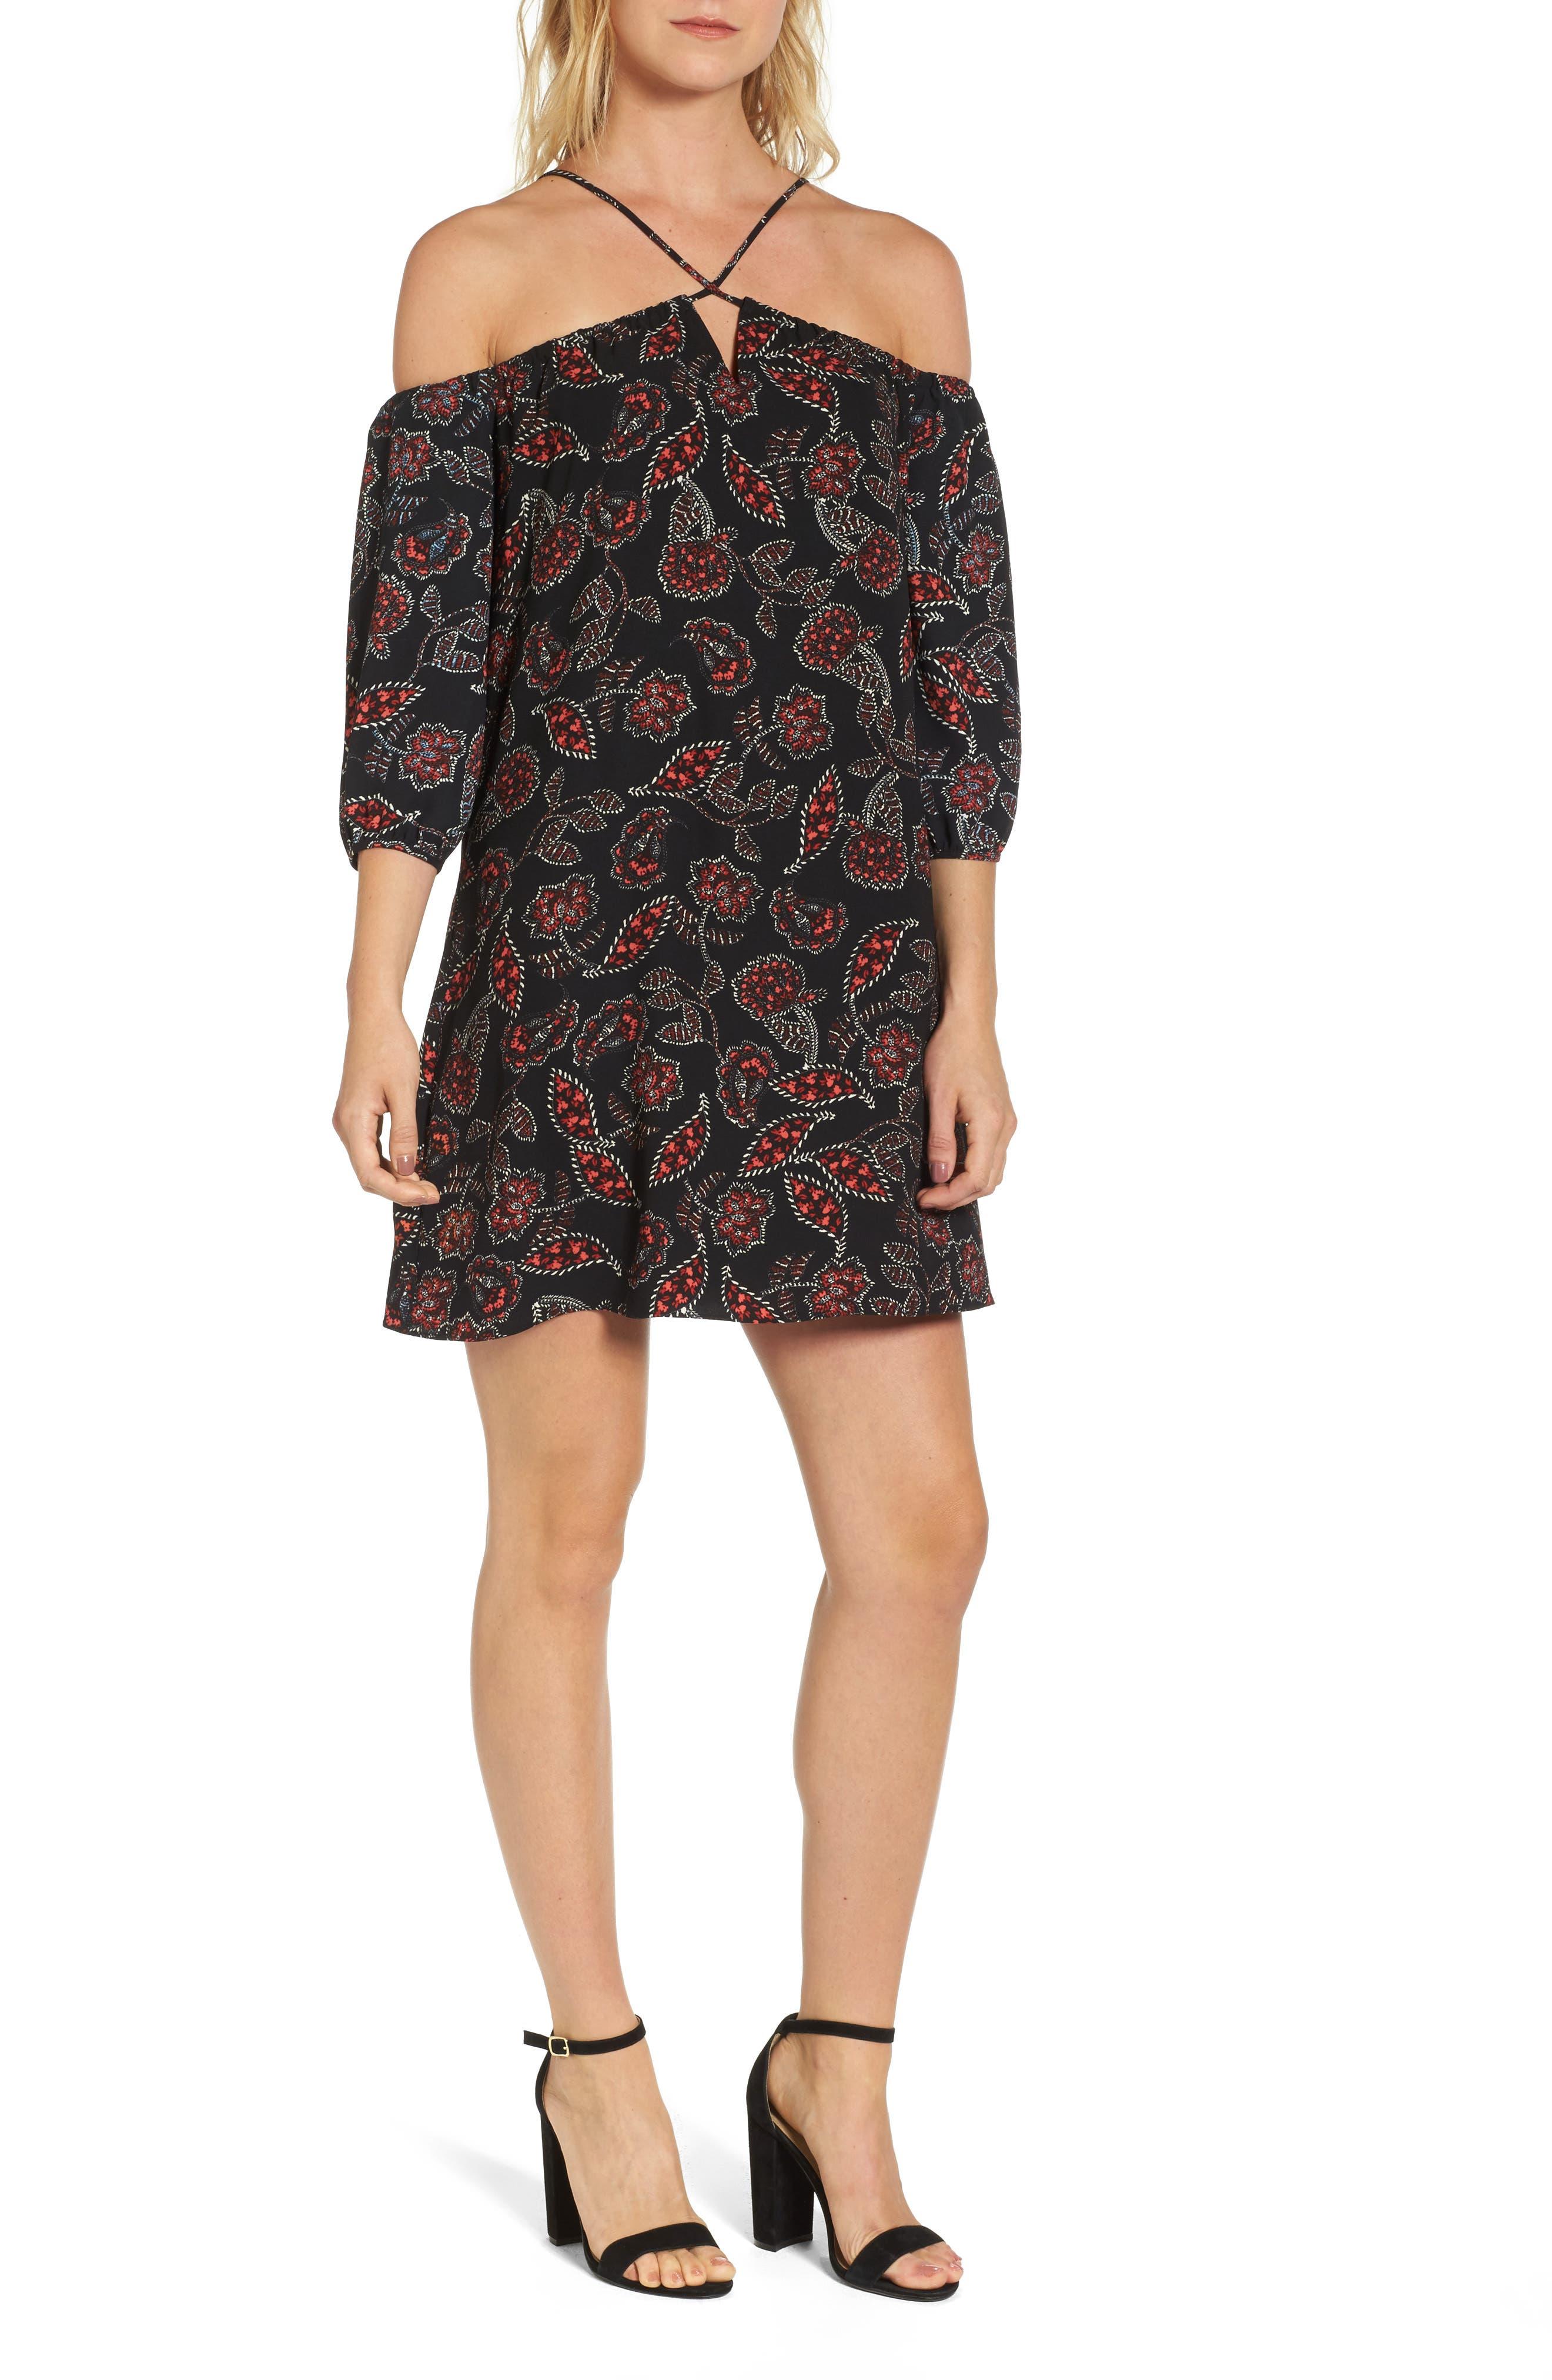 Alternate Image 1 Selected - Cooper & Ella Ellinor Cold Shoulder Dress